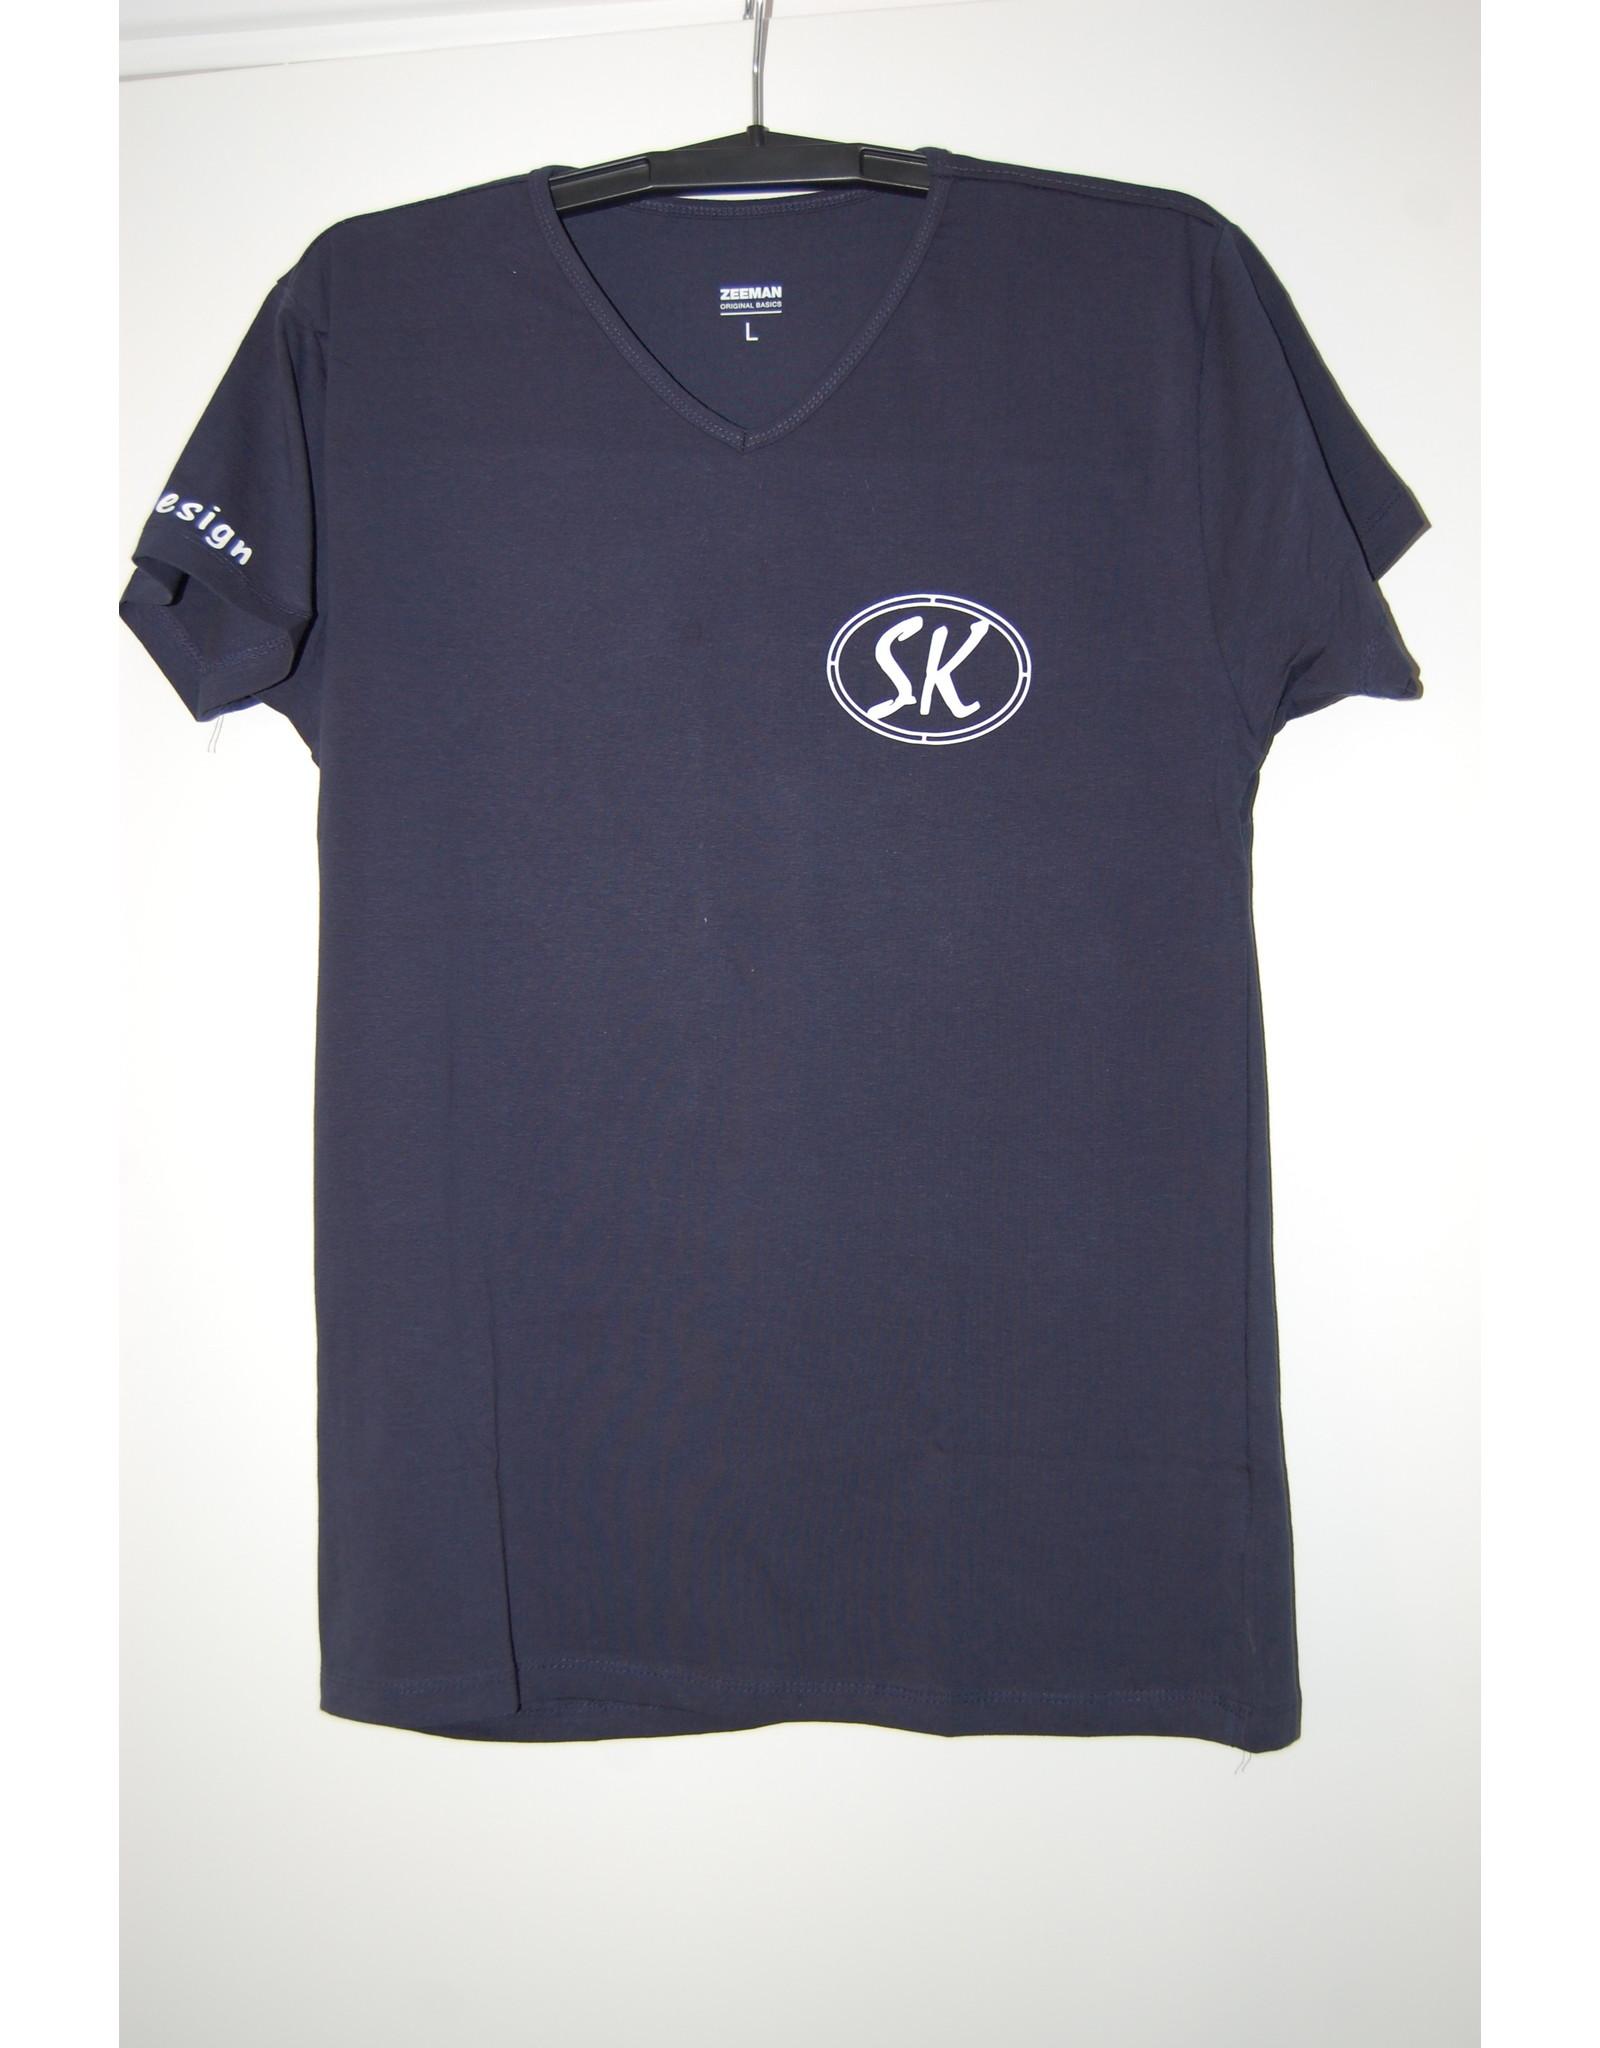 Eigen T-Shirts bedrukken deel 2